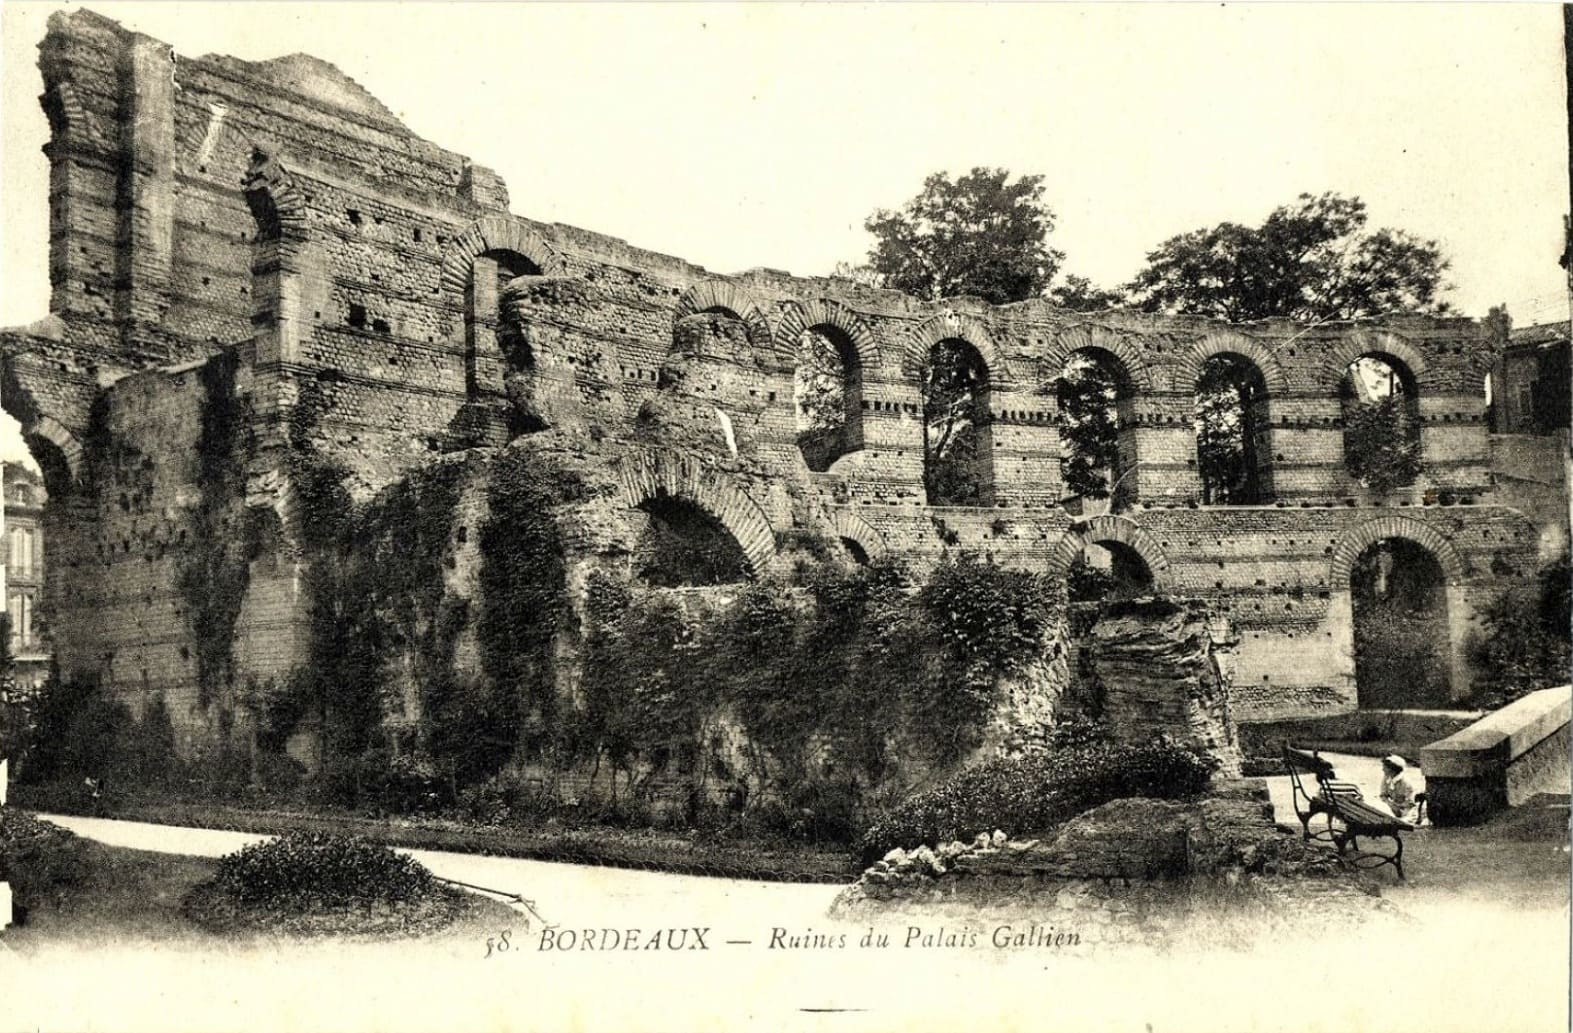 Bordeaux-les-ruines-du-Palais-Gallien_7